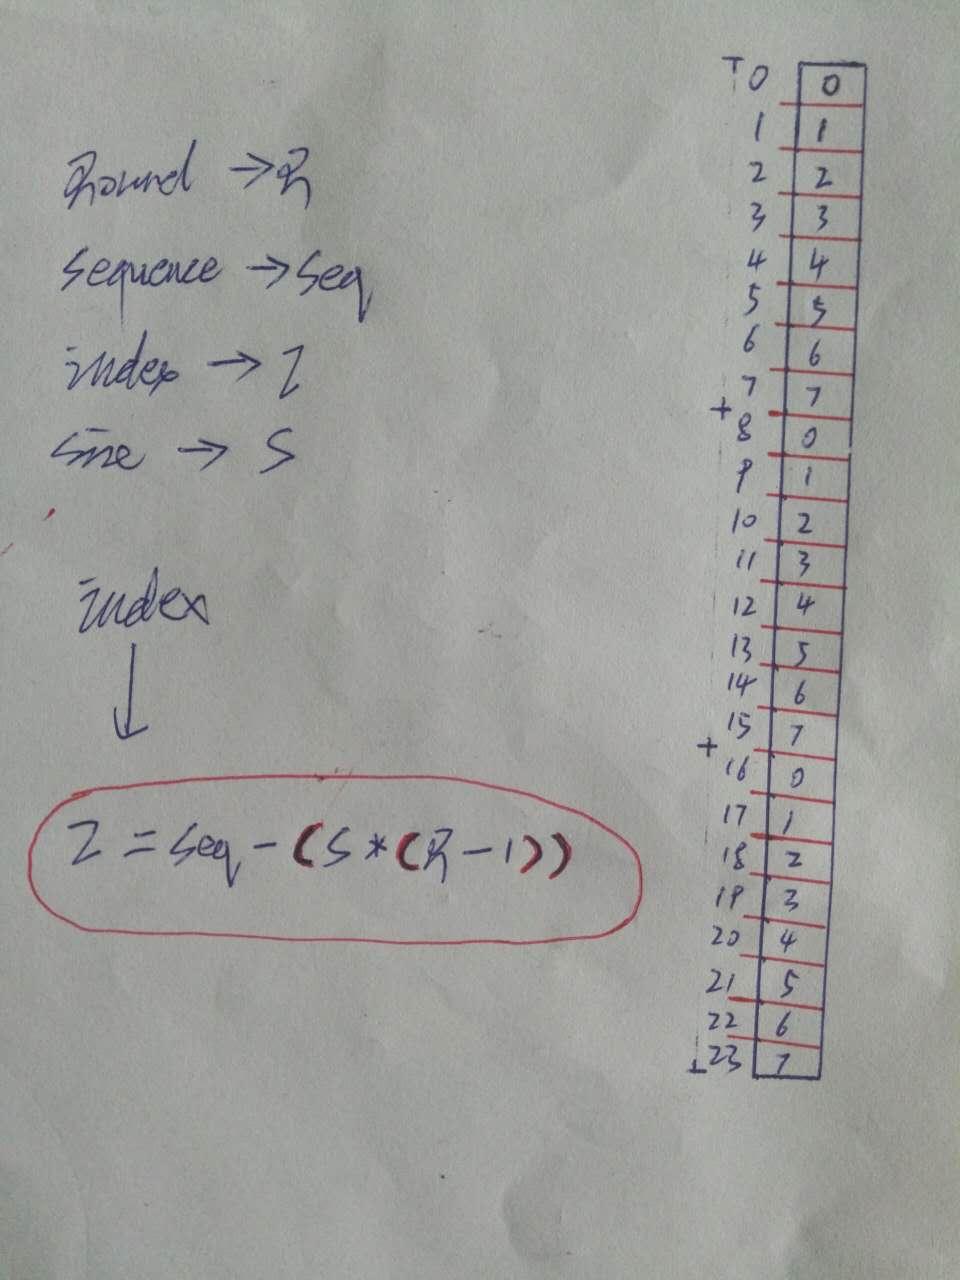 图 1-2